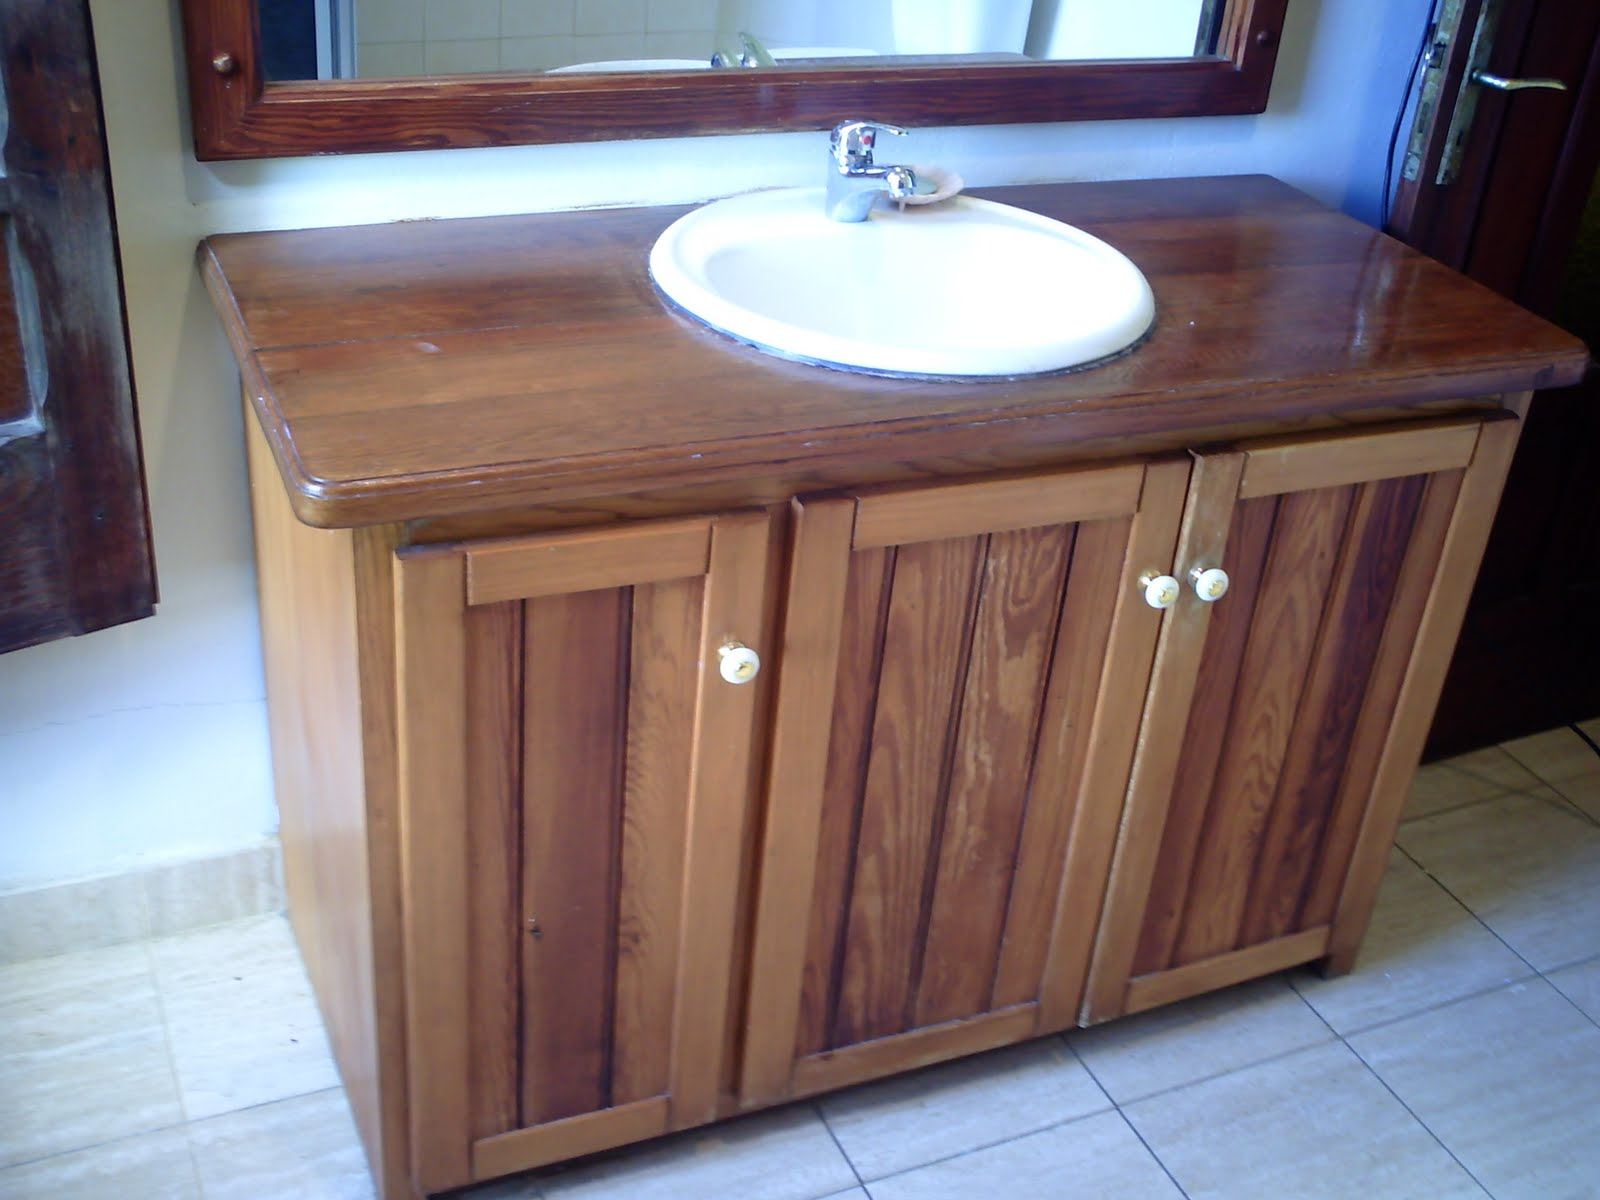 Carpintero interior exterior ba os muebles con espejo for Muebles bano montevideo